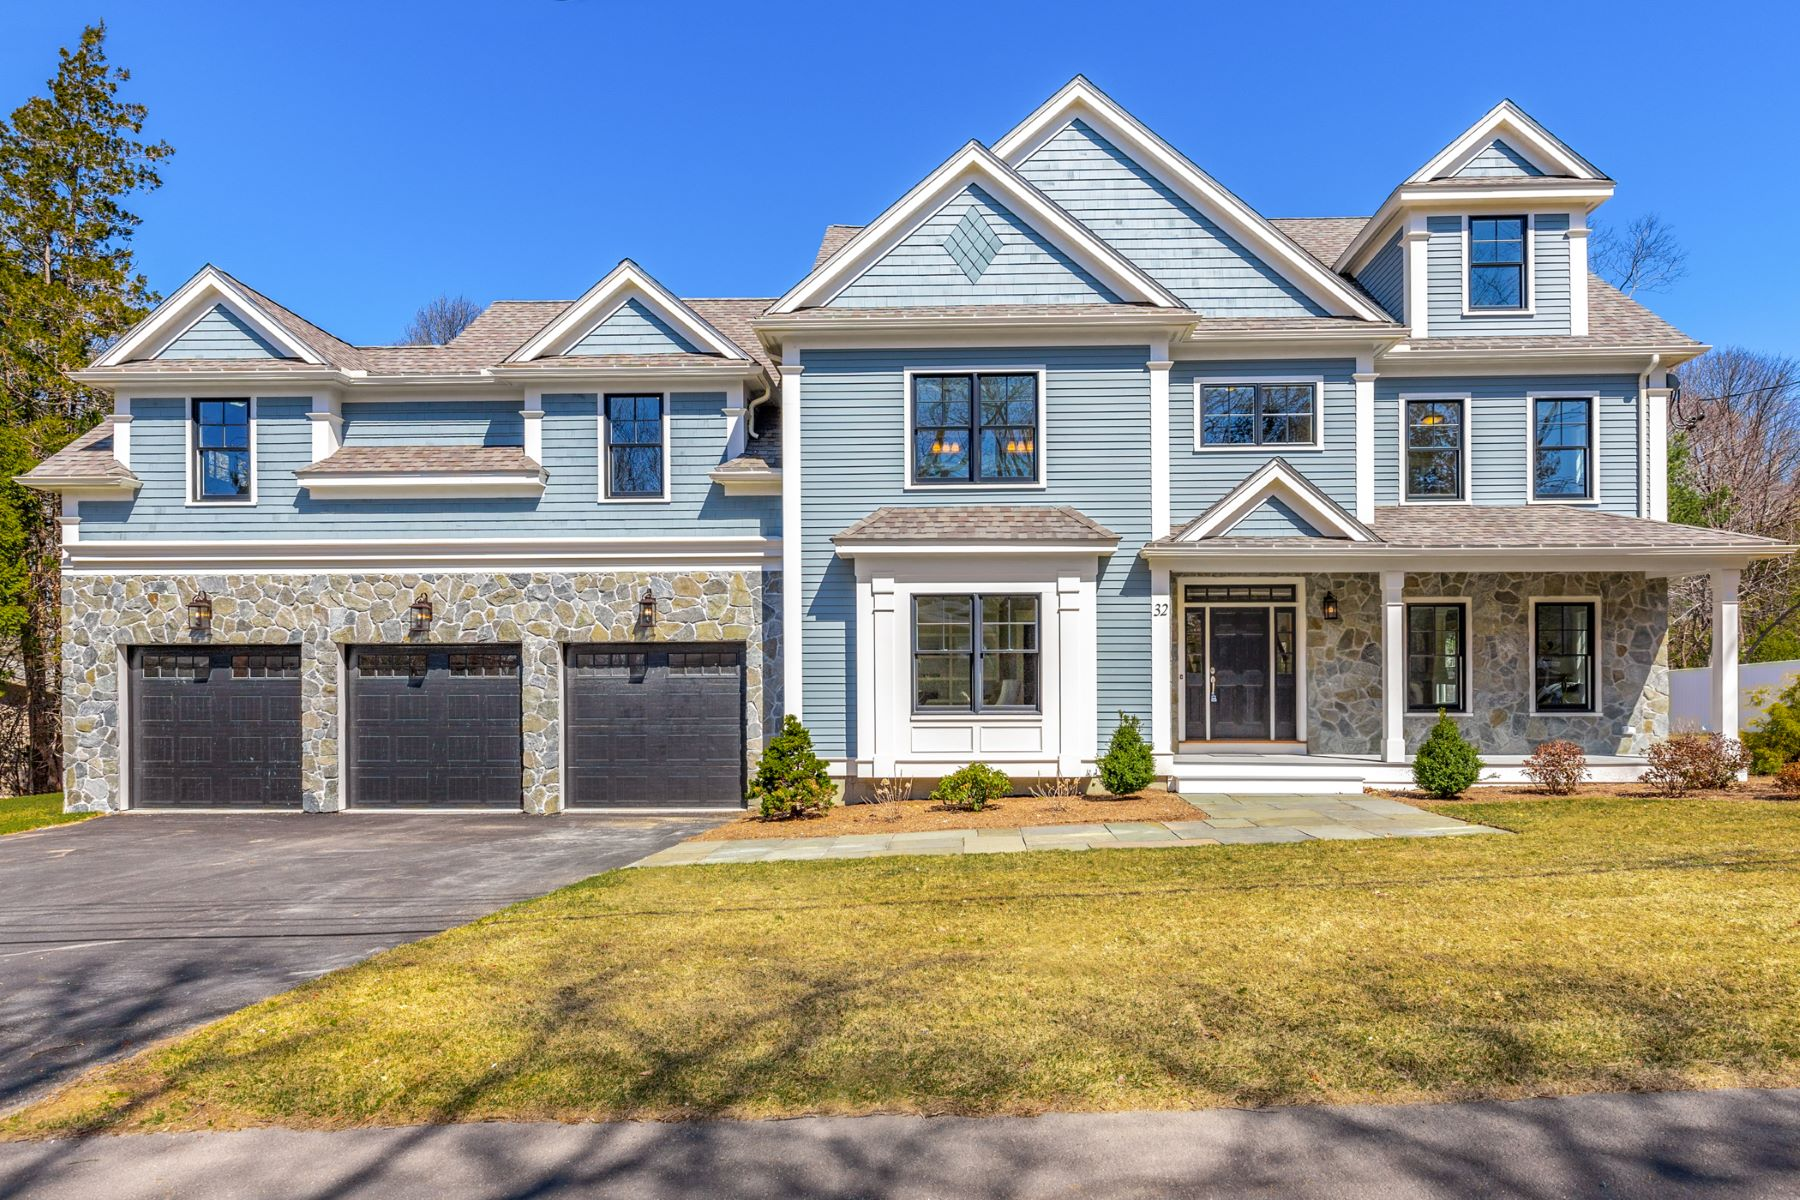 Single Family Home for Active at 32 Tyler Road, Lexington 32 Tyler Rd Lexington, Massachusetts 02420 United States